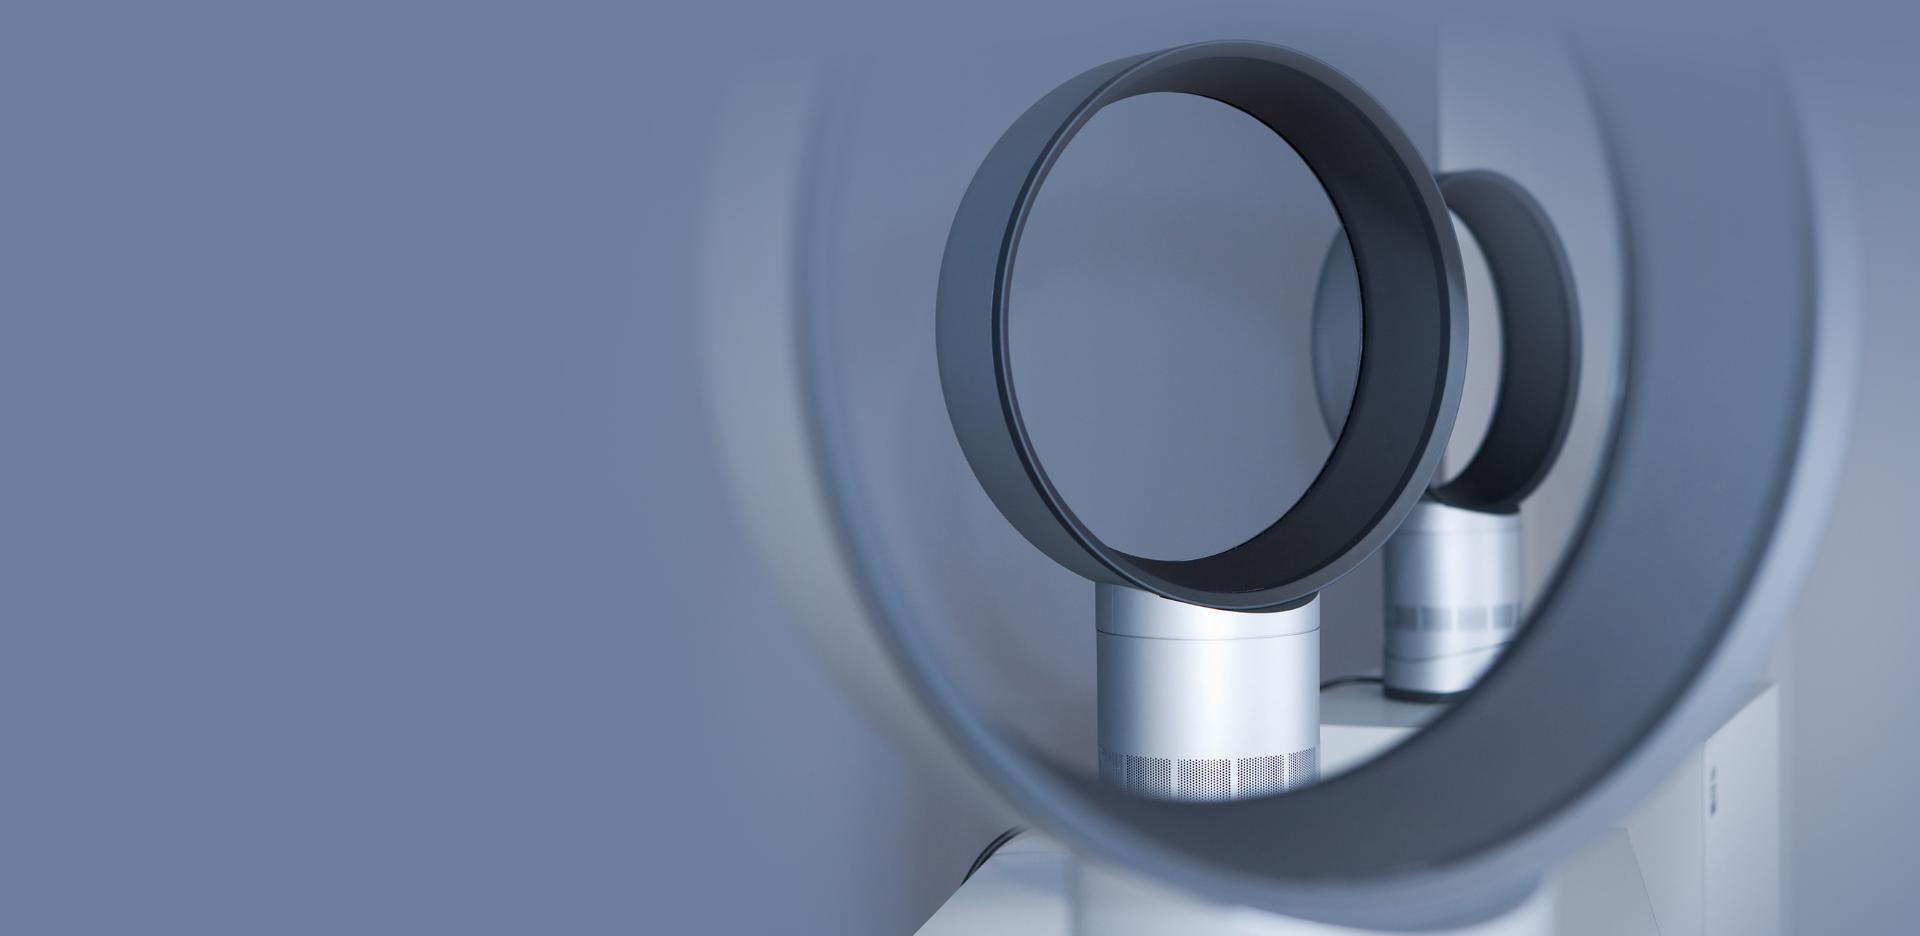 Dyson ventillátorról készült közeli felvétel